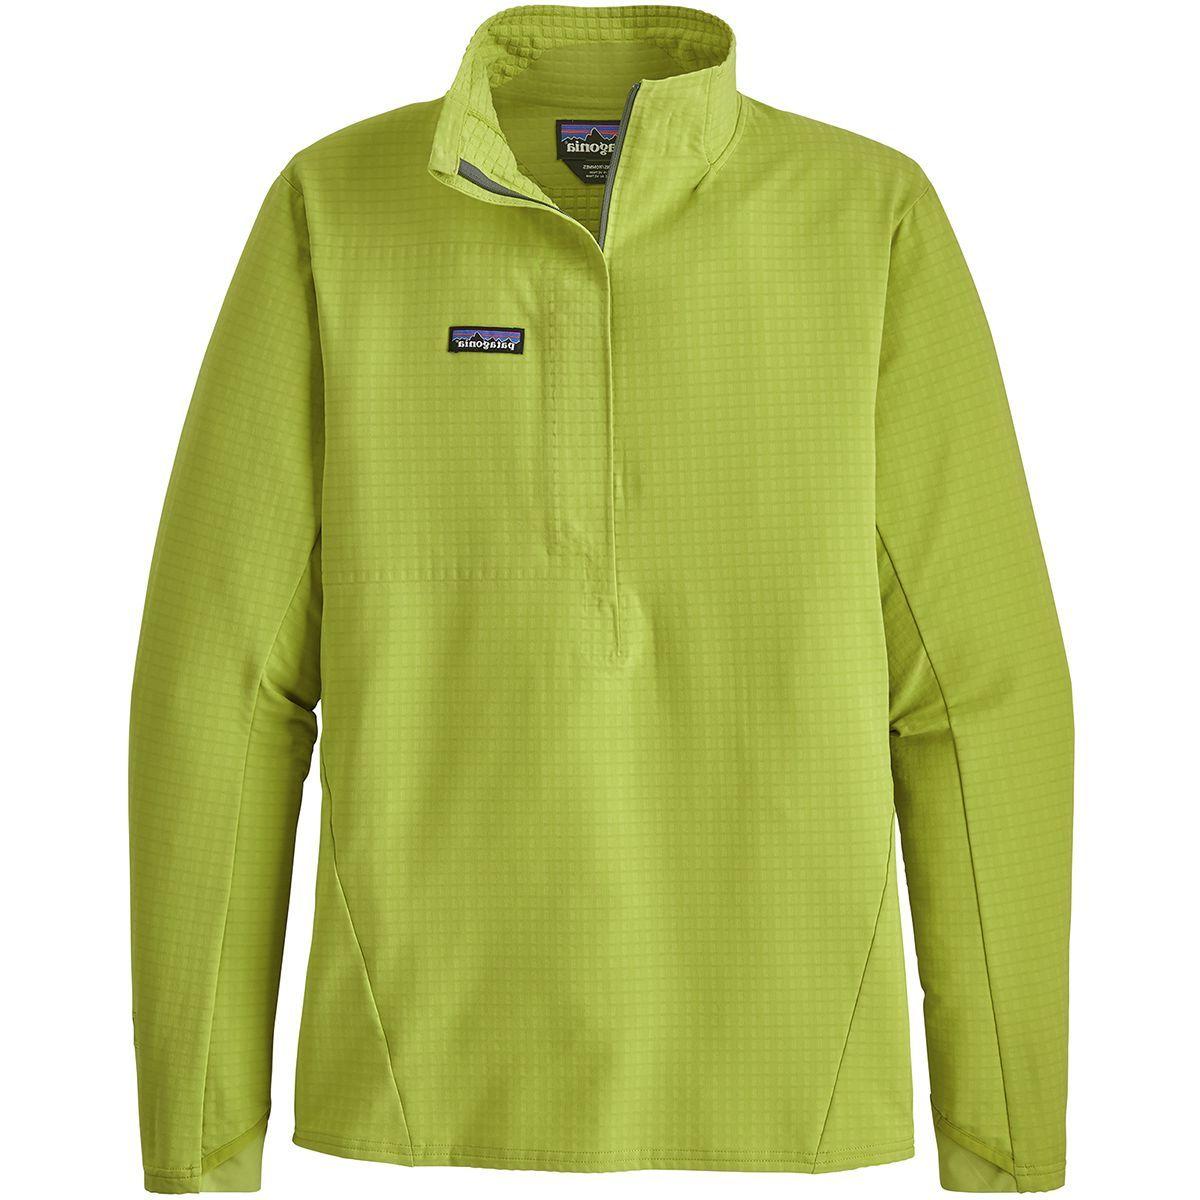 Patagonia R1 TechFace Fleece Pullover - Men's